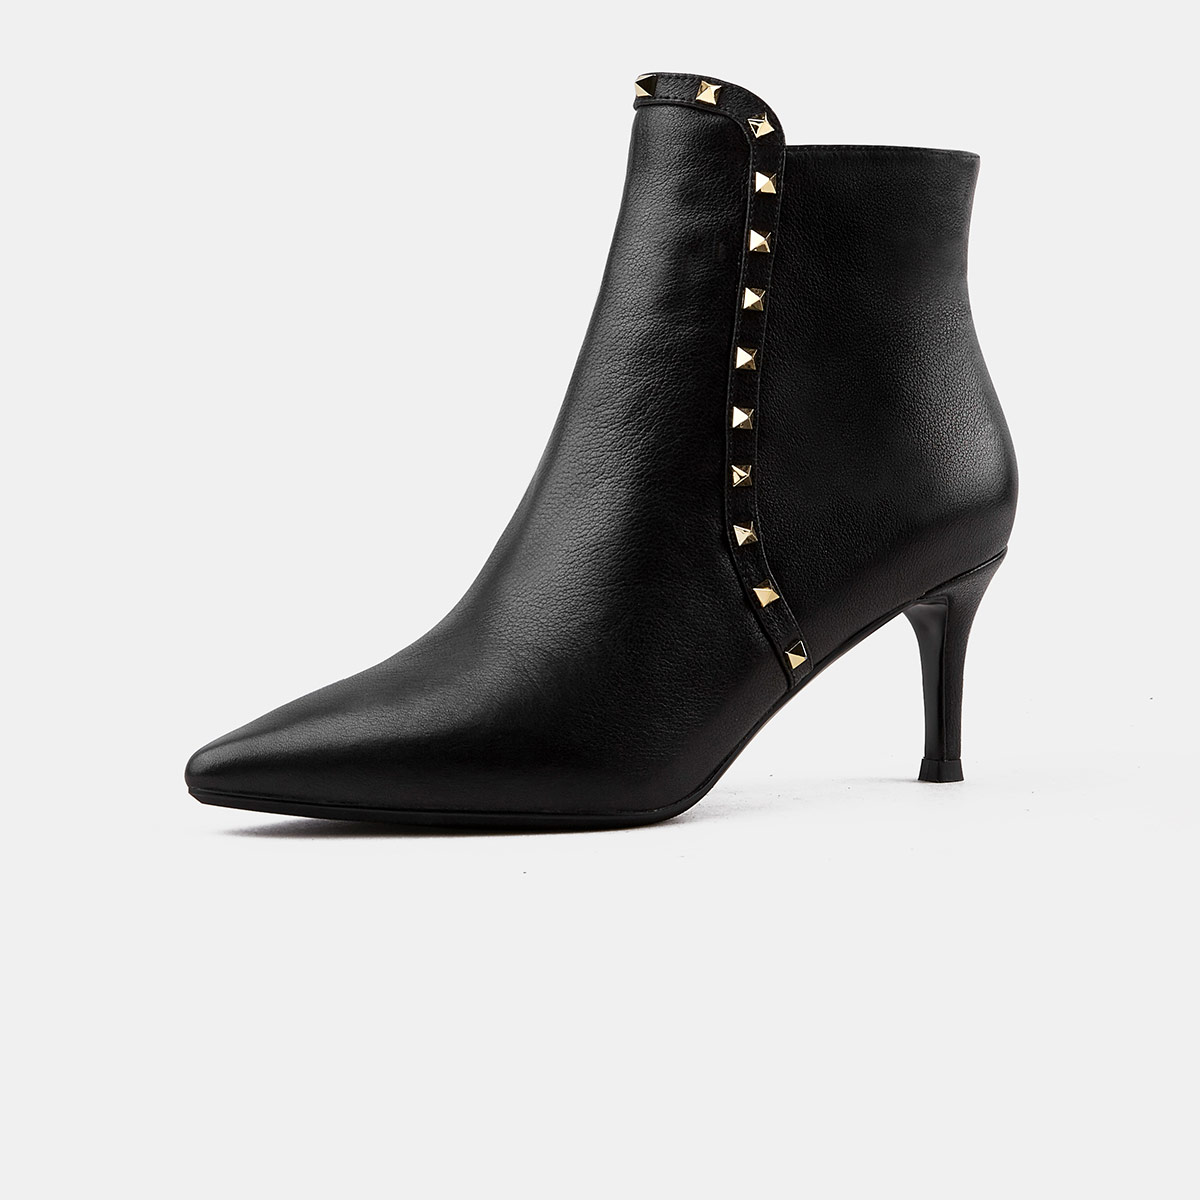 色非色非2019秋冬新款优雅铆钉装饰女鞋尖头拉链细高跟女短靴时装靴WM-D714IP0111N